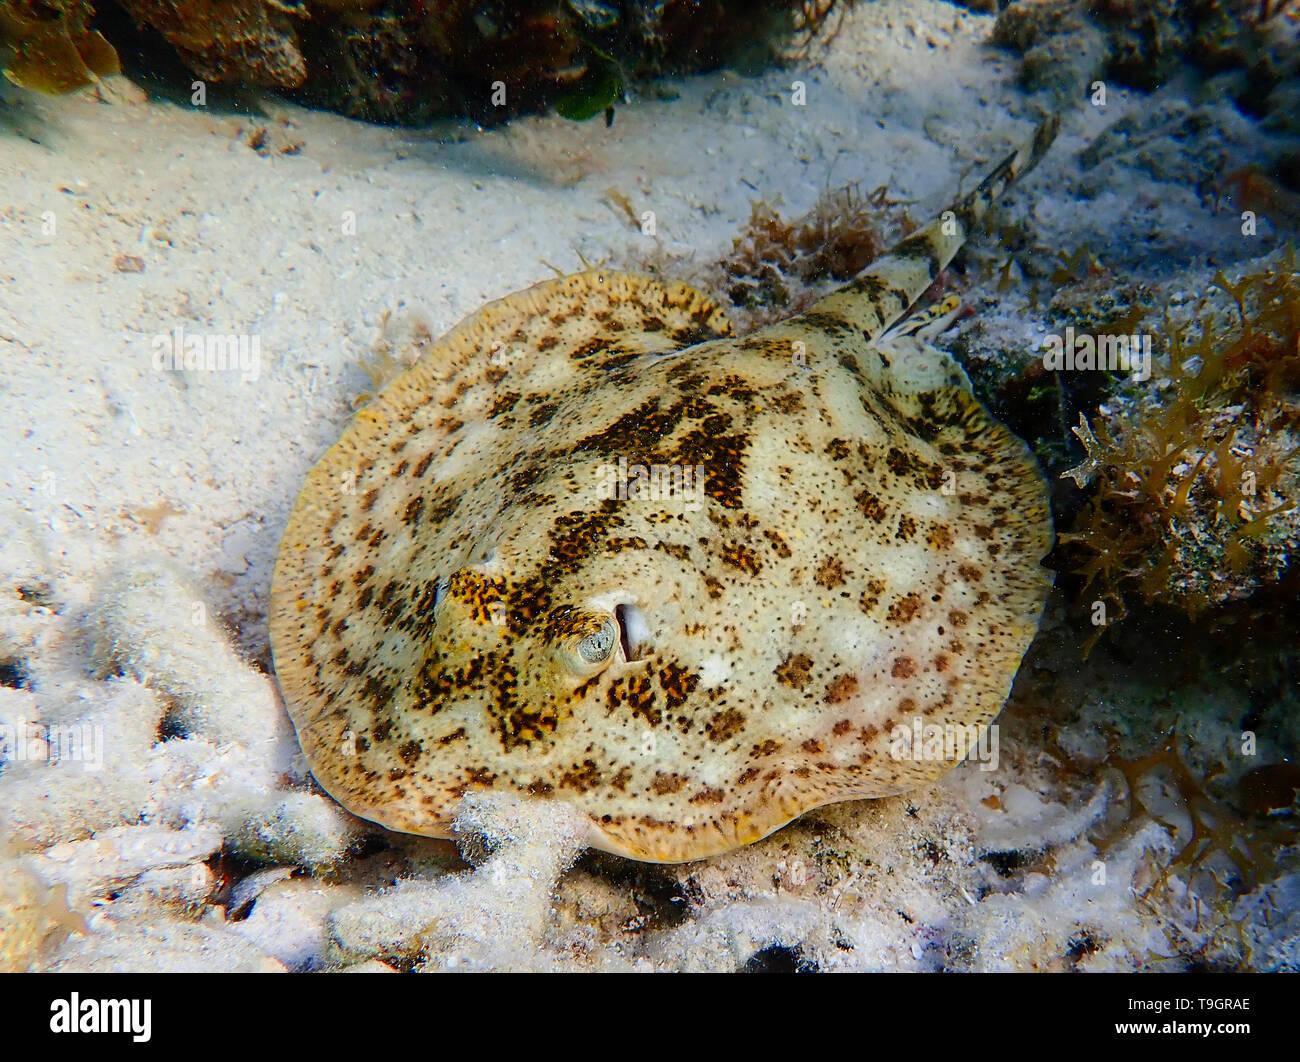 Giallo stingray, Urobatis jamaicensis, all'interno del Belize Barrier Reef, una serie di barriere coralline a cavallo tra la costa del Belize Immagini Stock